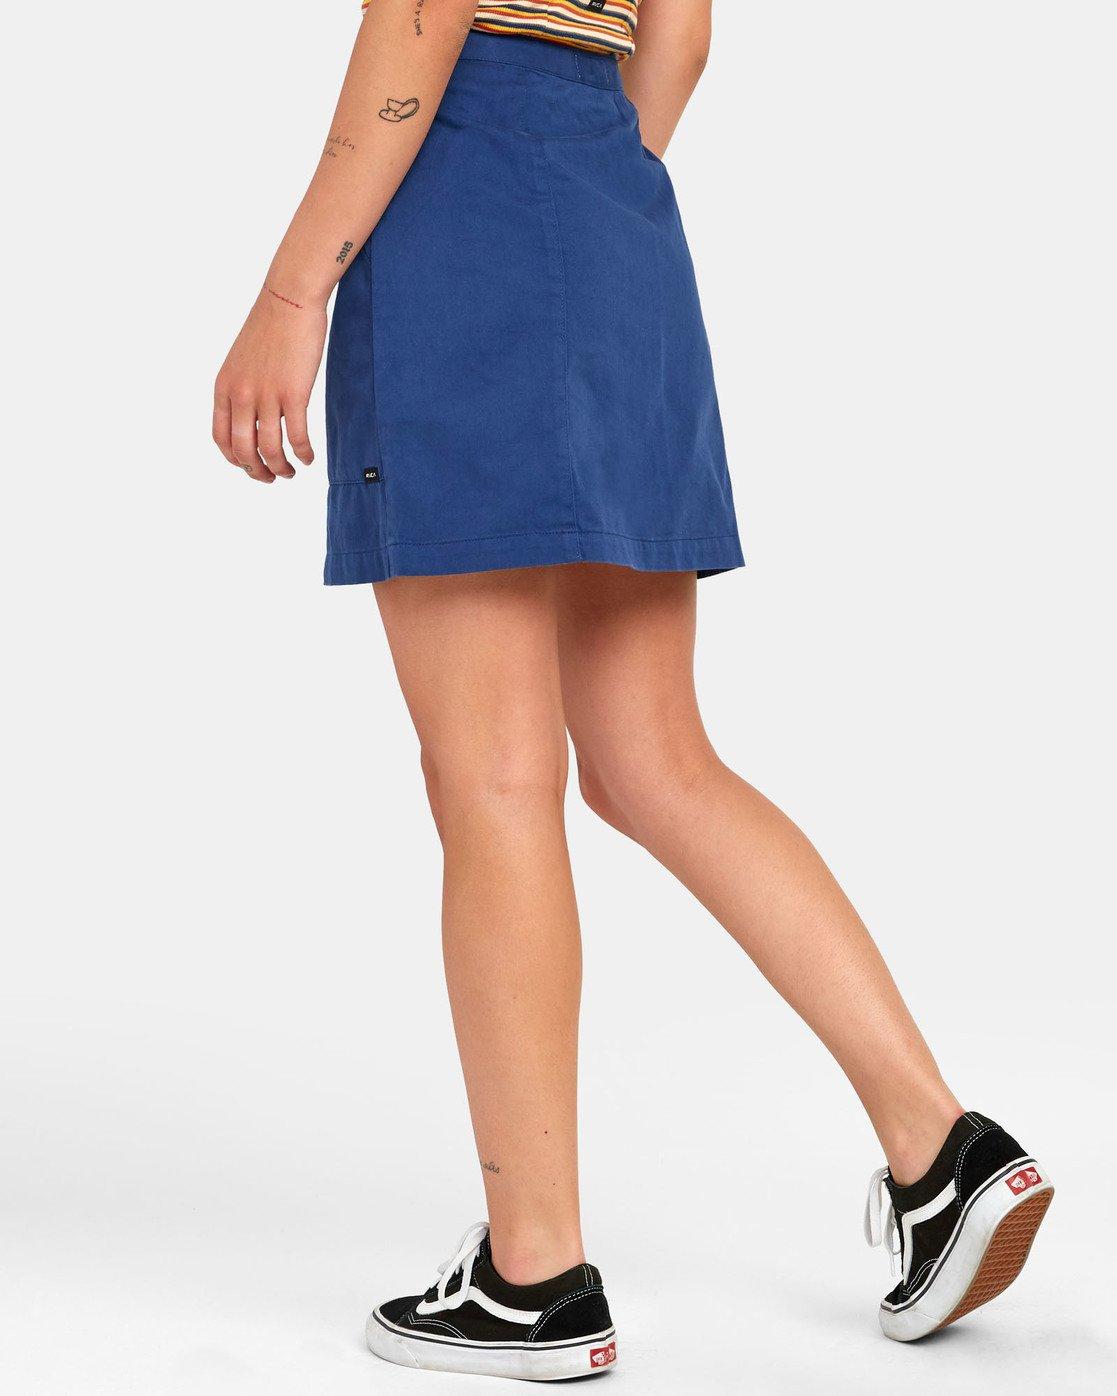 5 Oconnor - Jupe pour Femme Bleu S3SKRBRVP0 RVCA